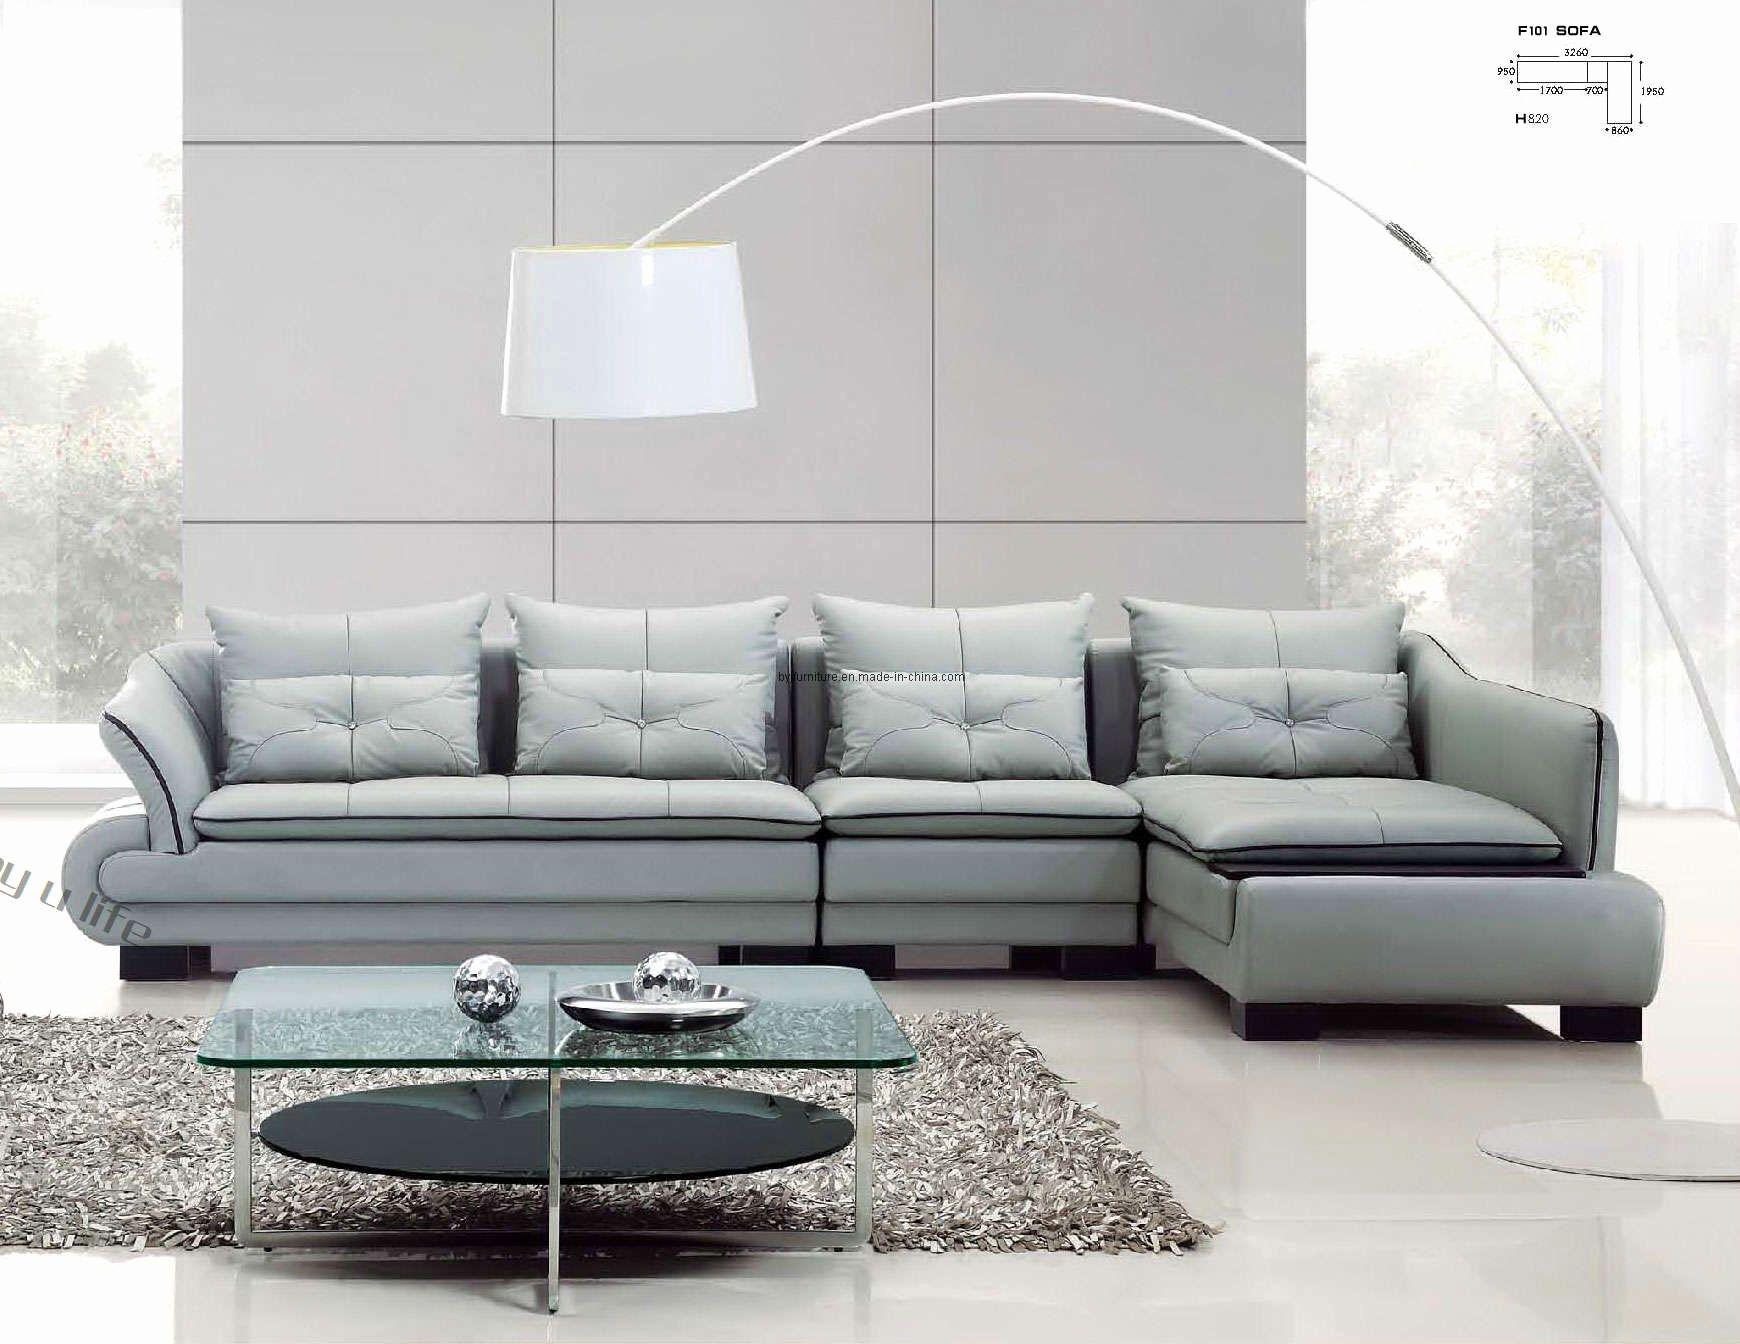 Unique Modern Contemporary Sofa Sets Art Interior Mordan Farnichar Contemporary Furniture Warehouse Luxury Sofa Design Couch Design Latest Sofa Designs